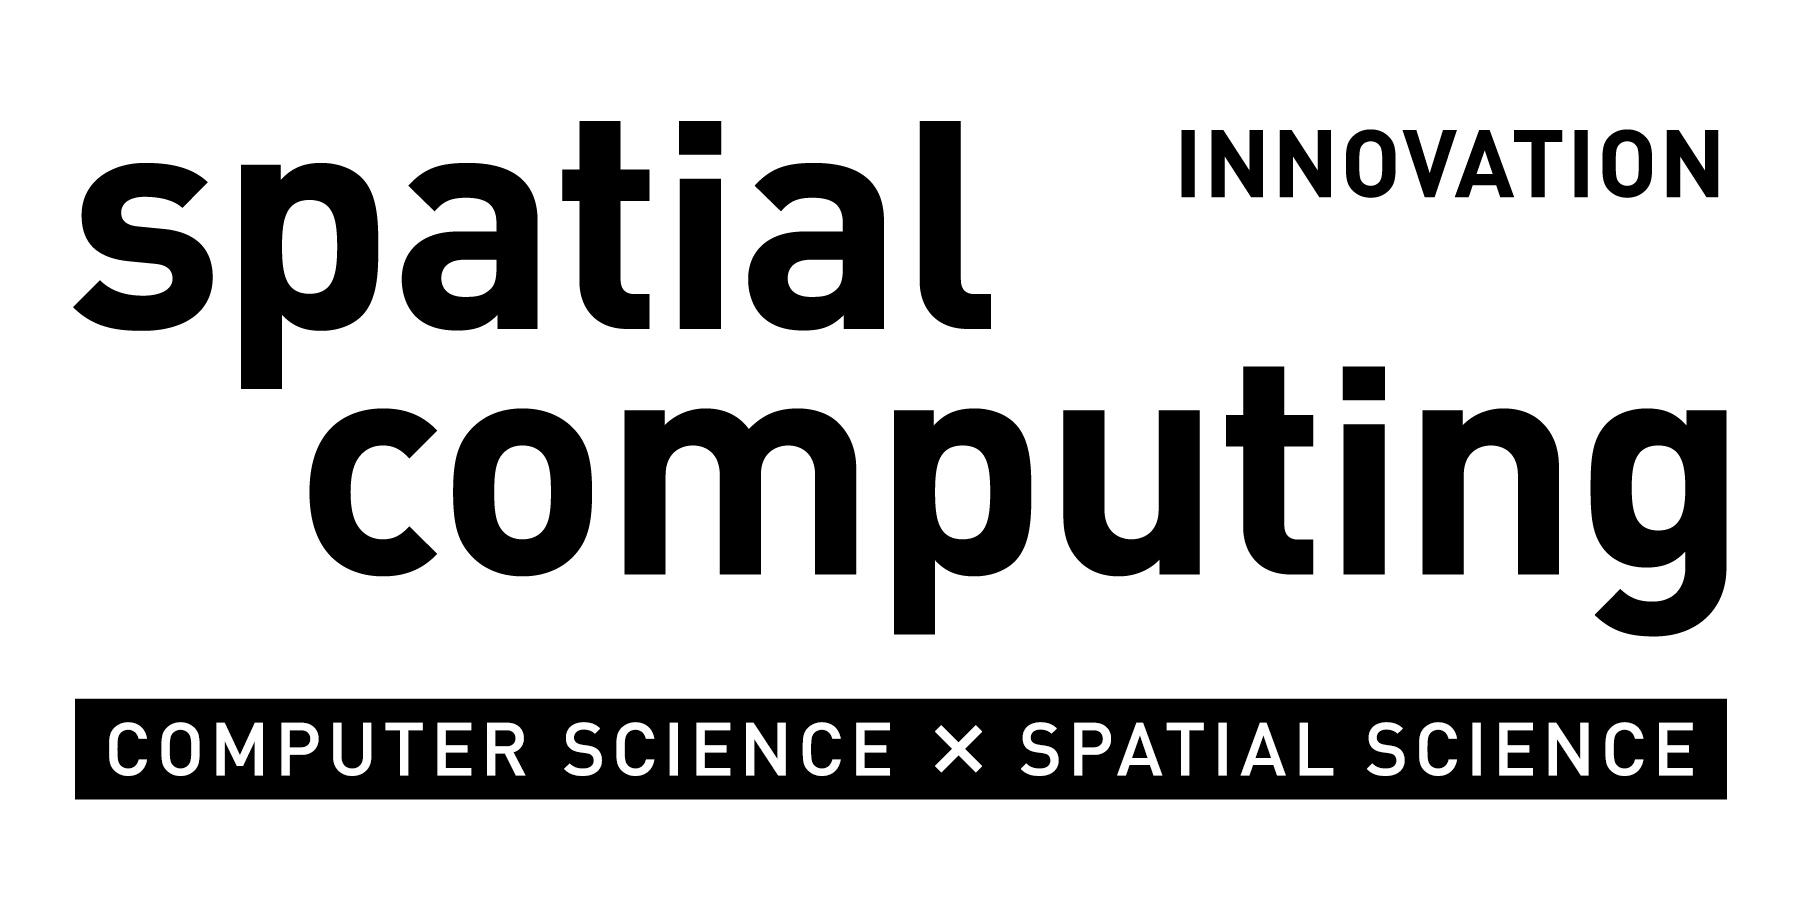 spatial-computing github io by USC Spatial Computing